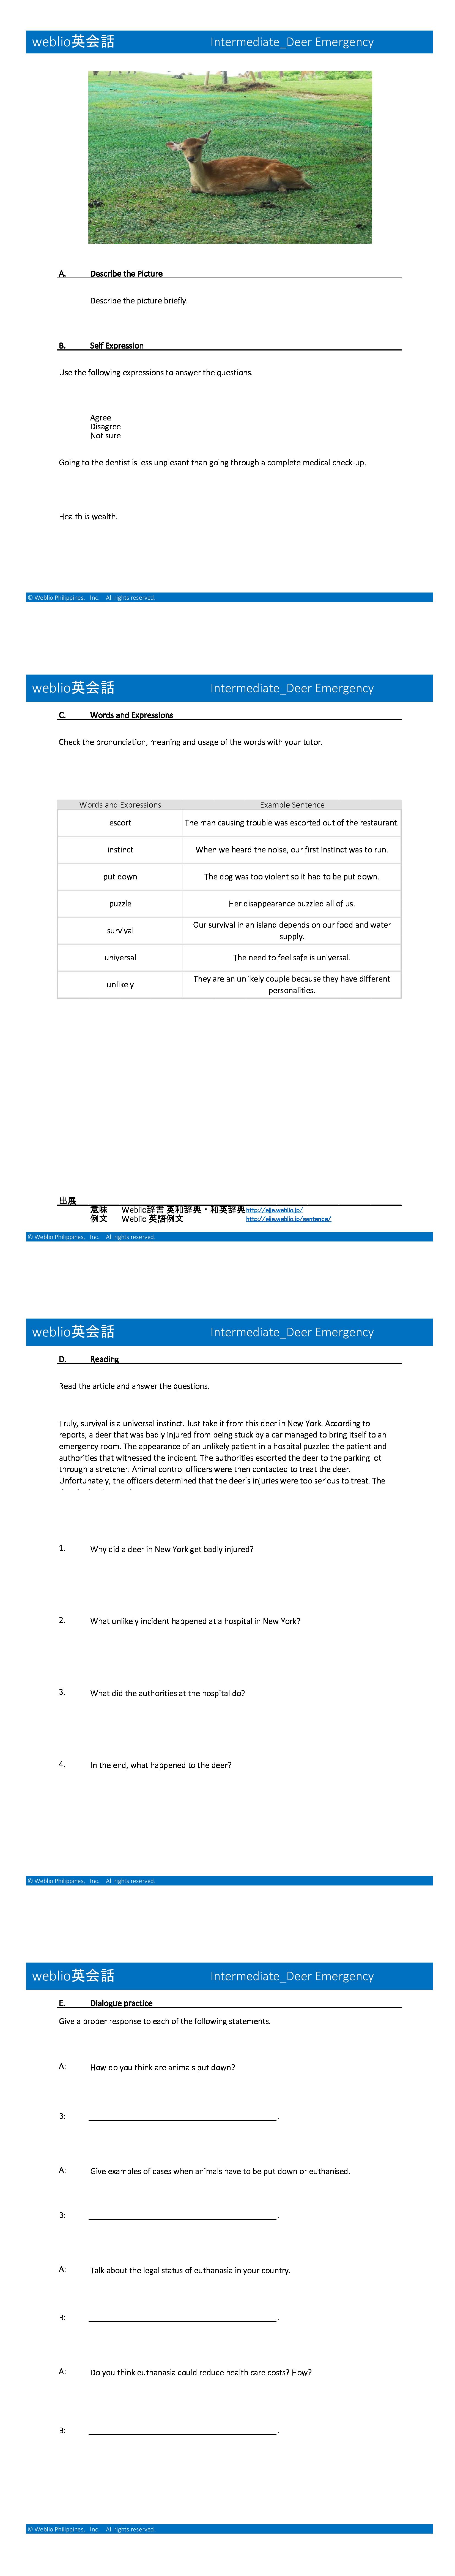 per-level-intermediate-deer-emergency-en